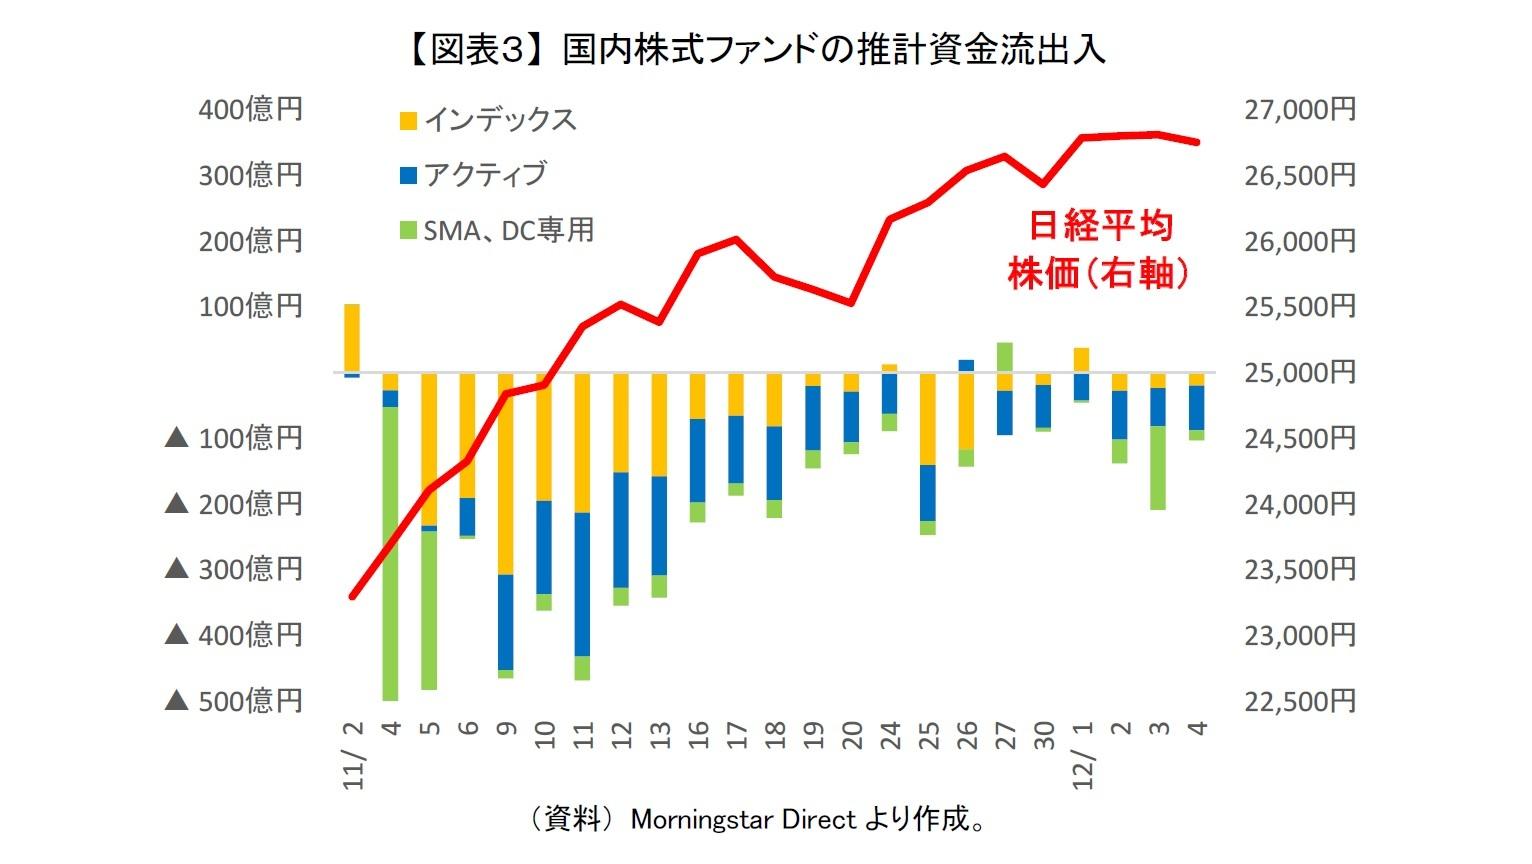 【図表3】 国内株式ファンドの推計資金流出入